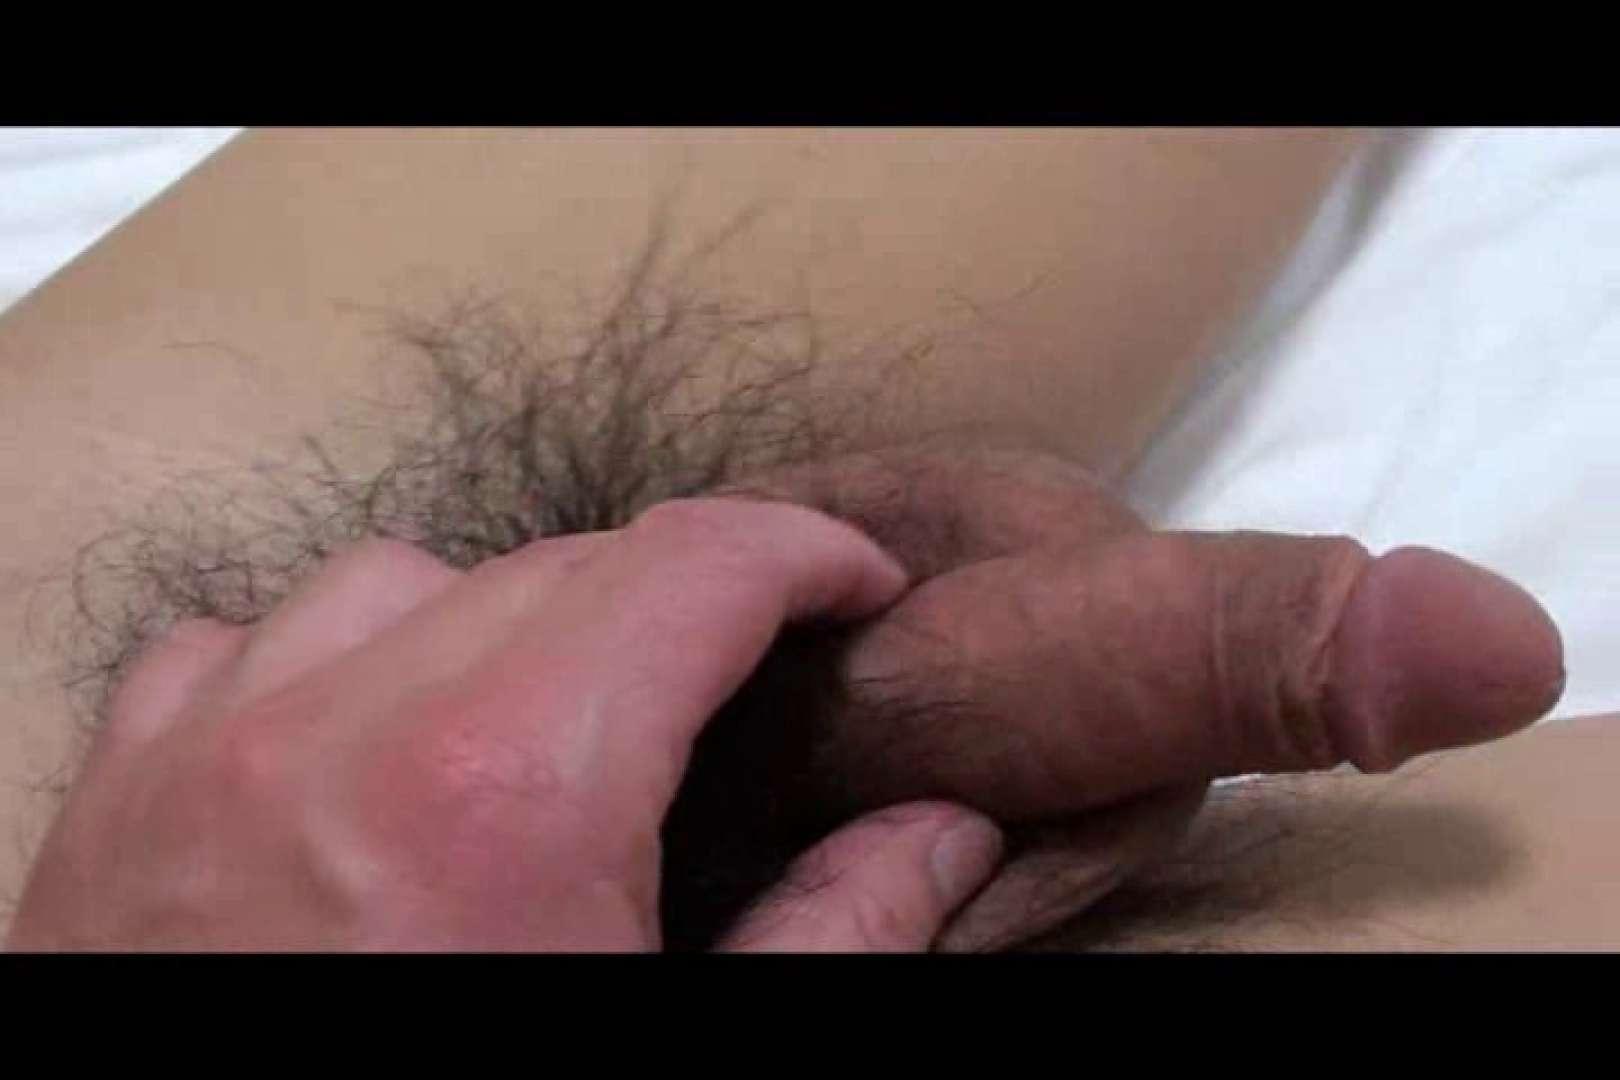 ゲイ 肉棒 動画|まだX2イクゼ!イケメンノンケのドッきり弄りタイムVOL.01前編|スジ筋系